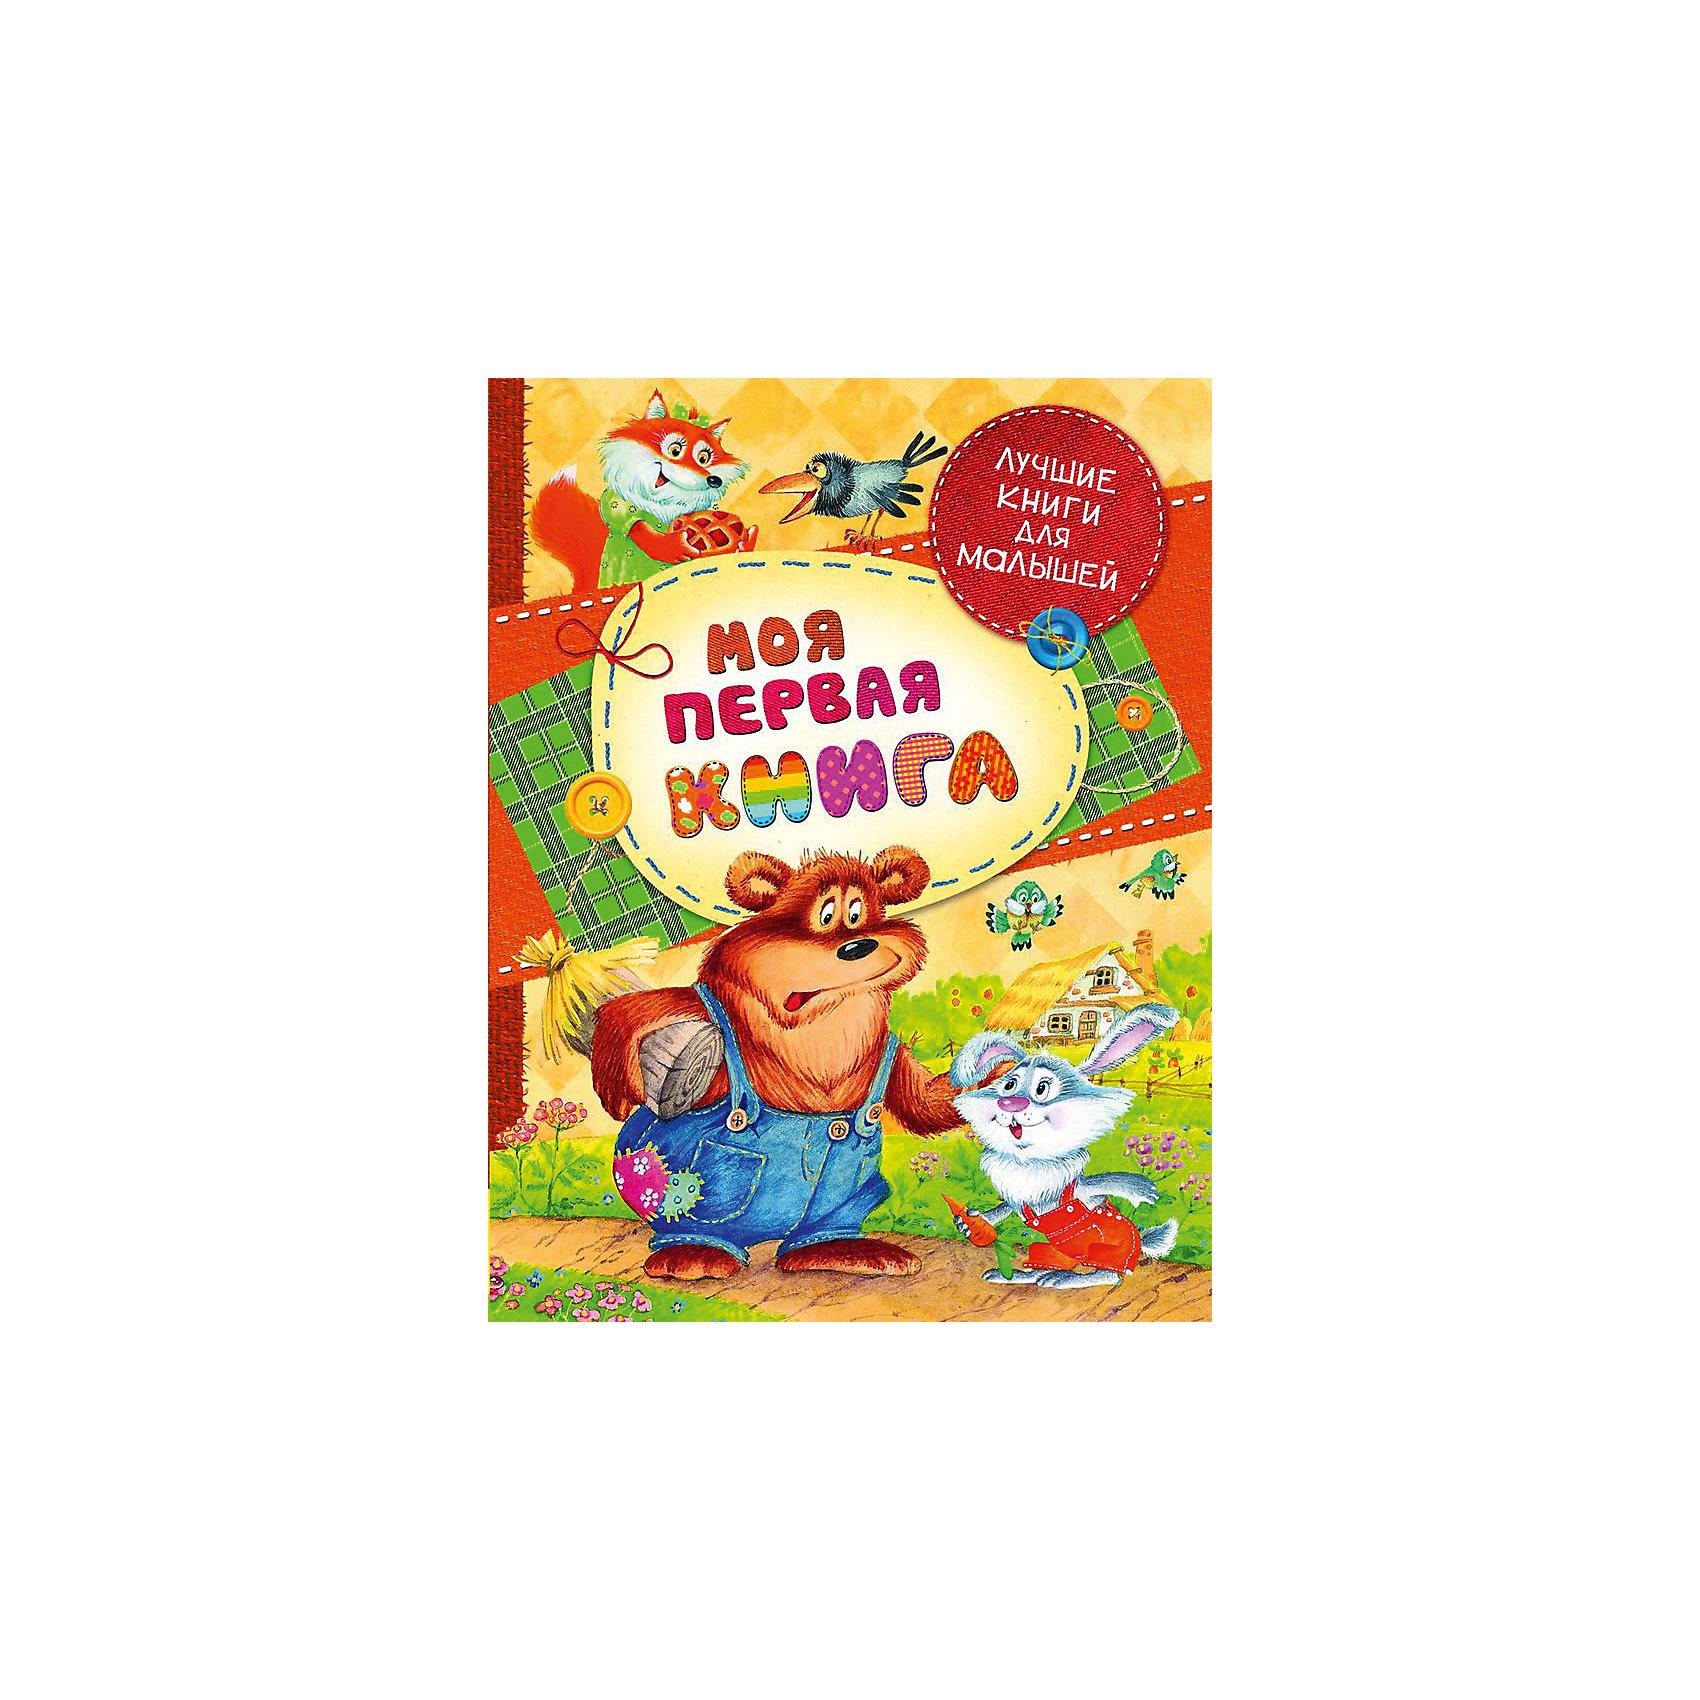 Росмэн Сборник Моя первая книга Лучшие книги для малышей